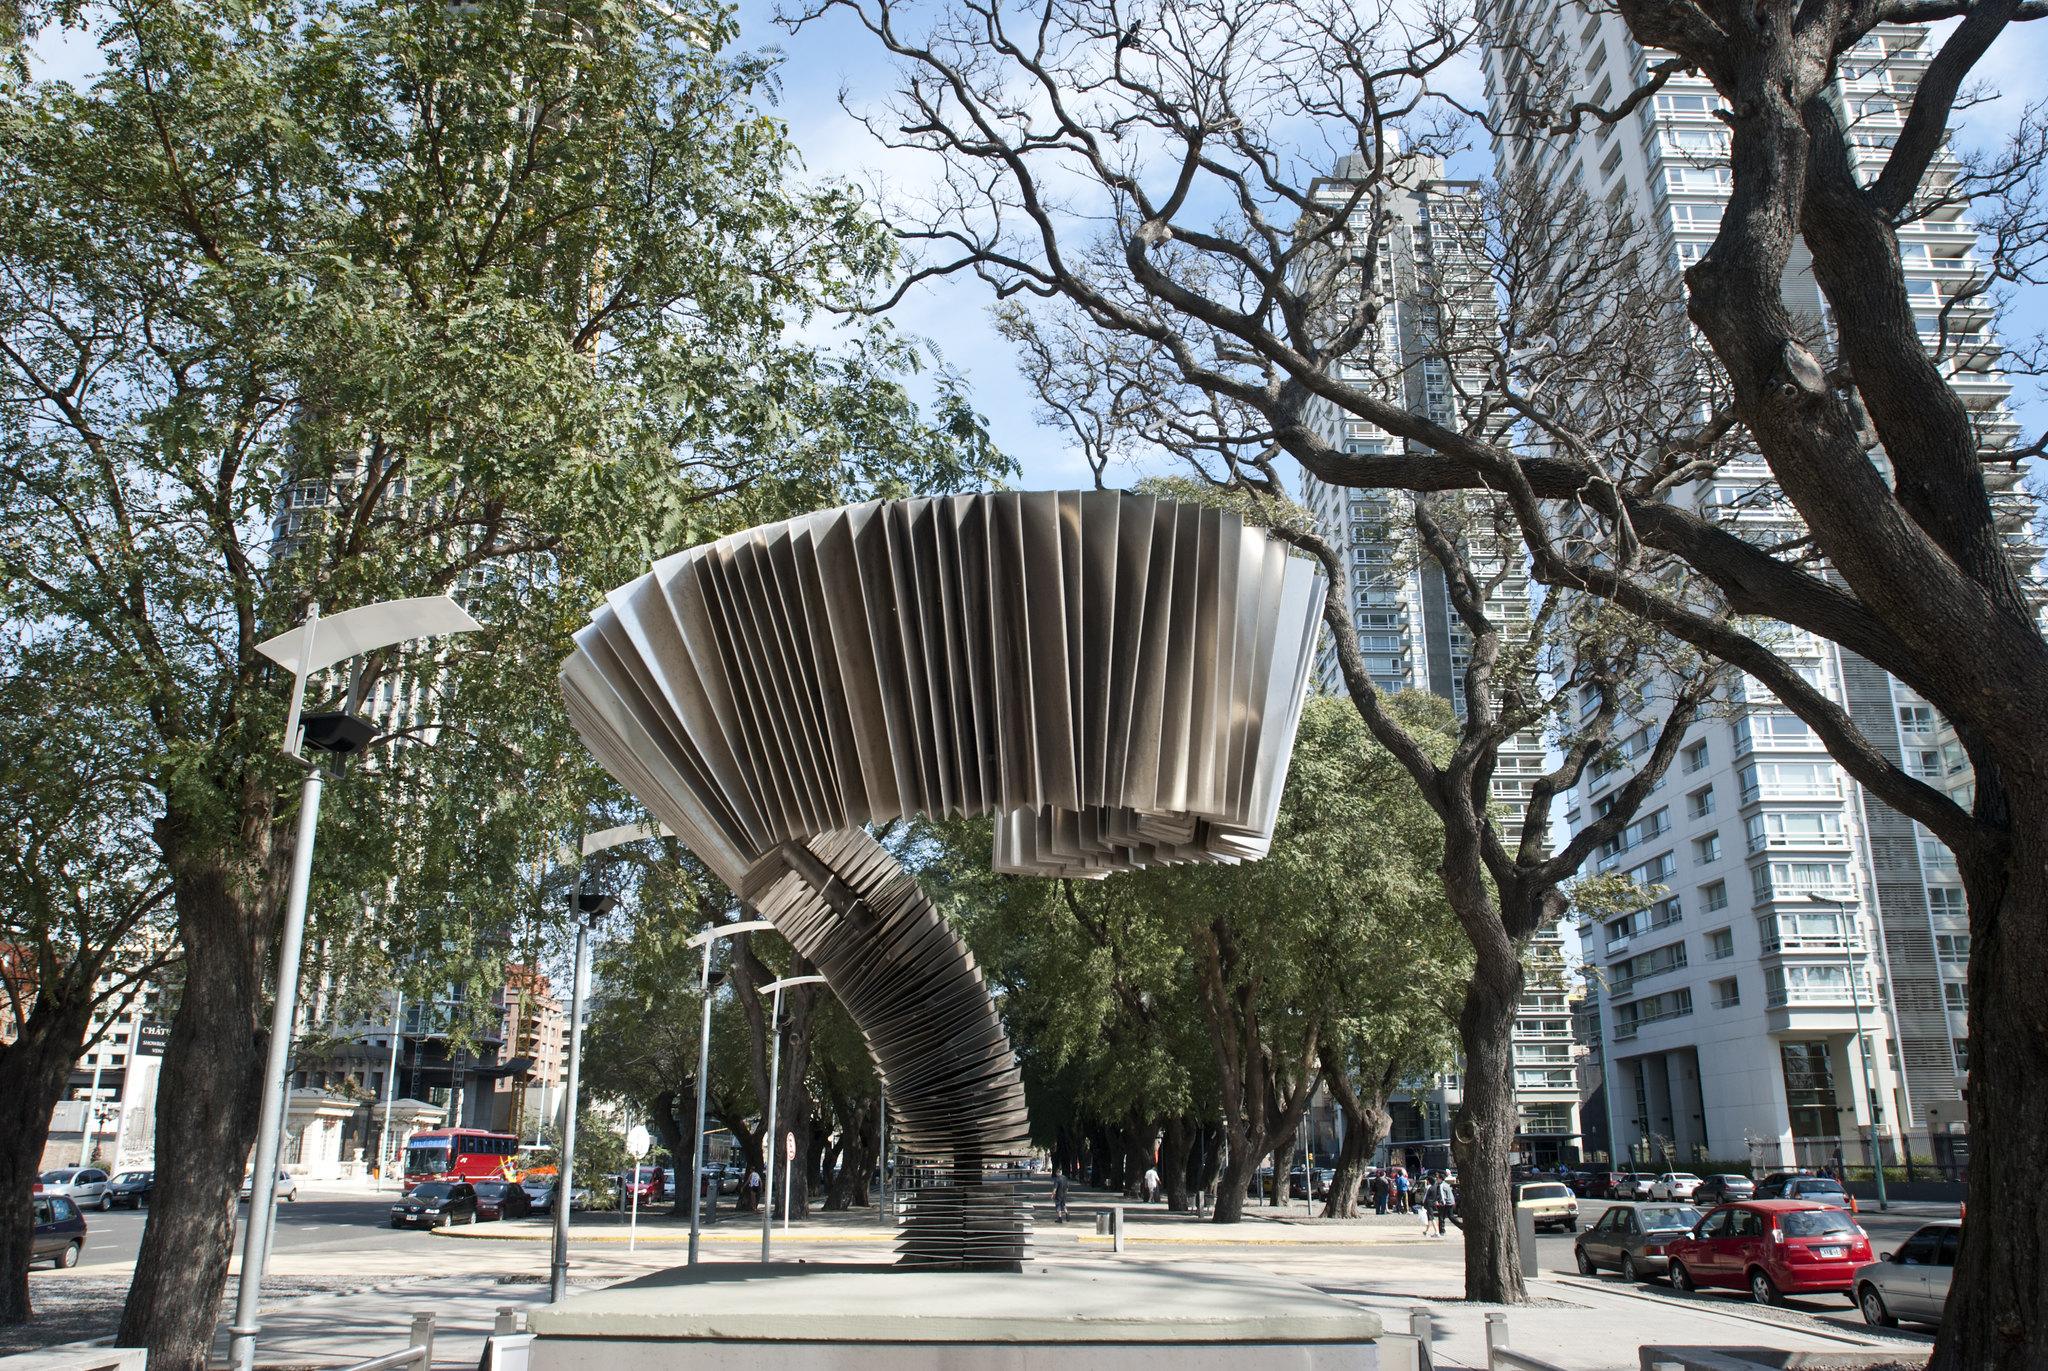 Monumento al Tango | Tango monument